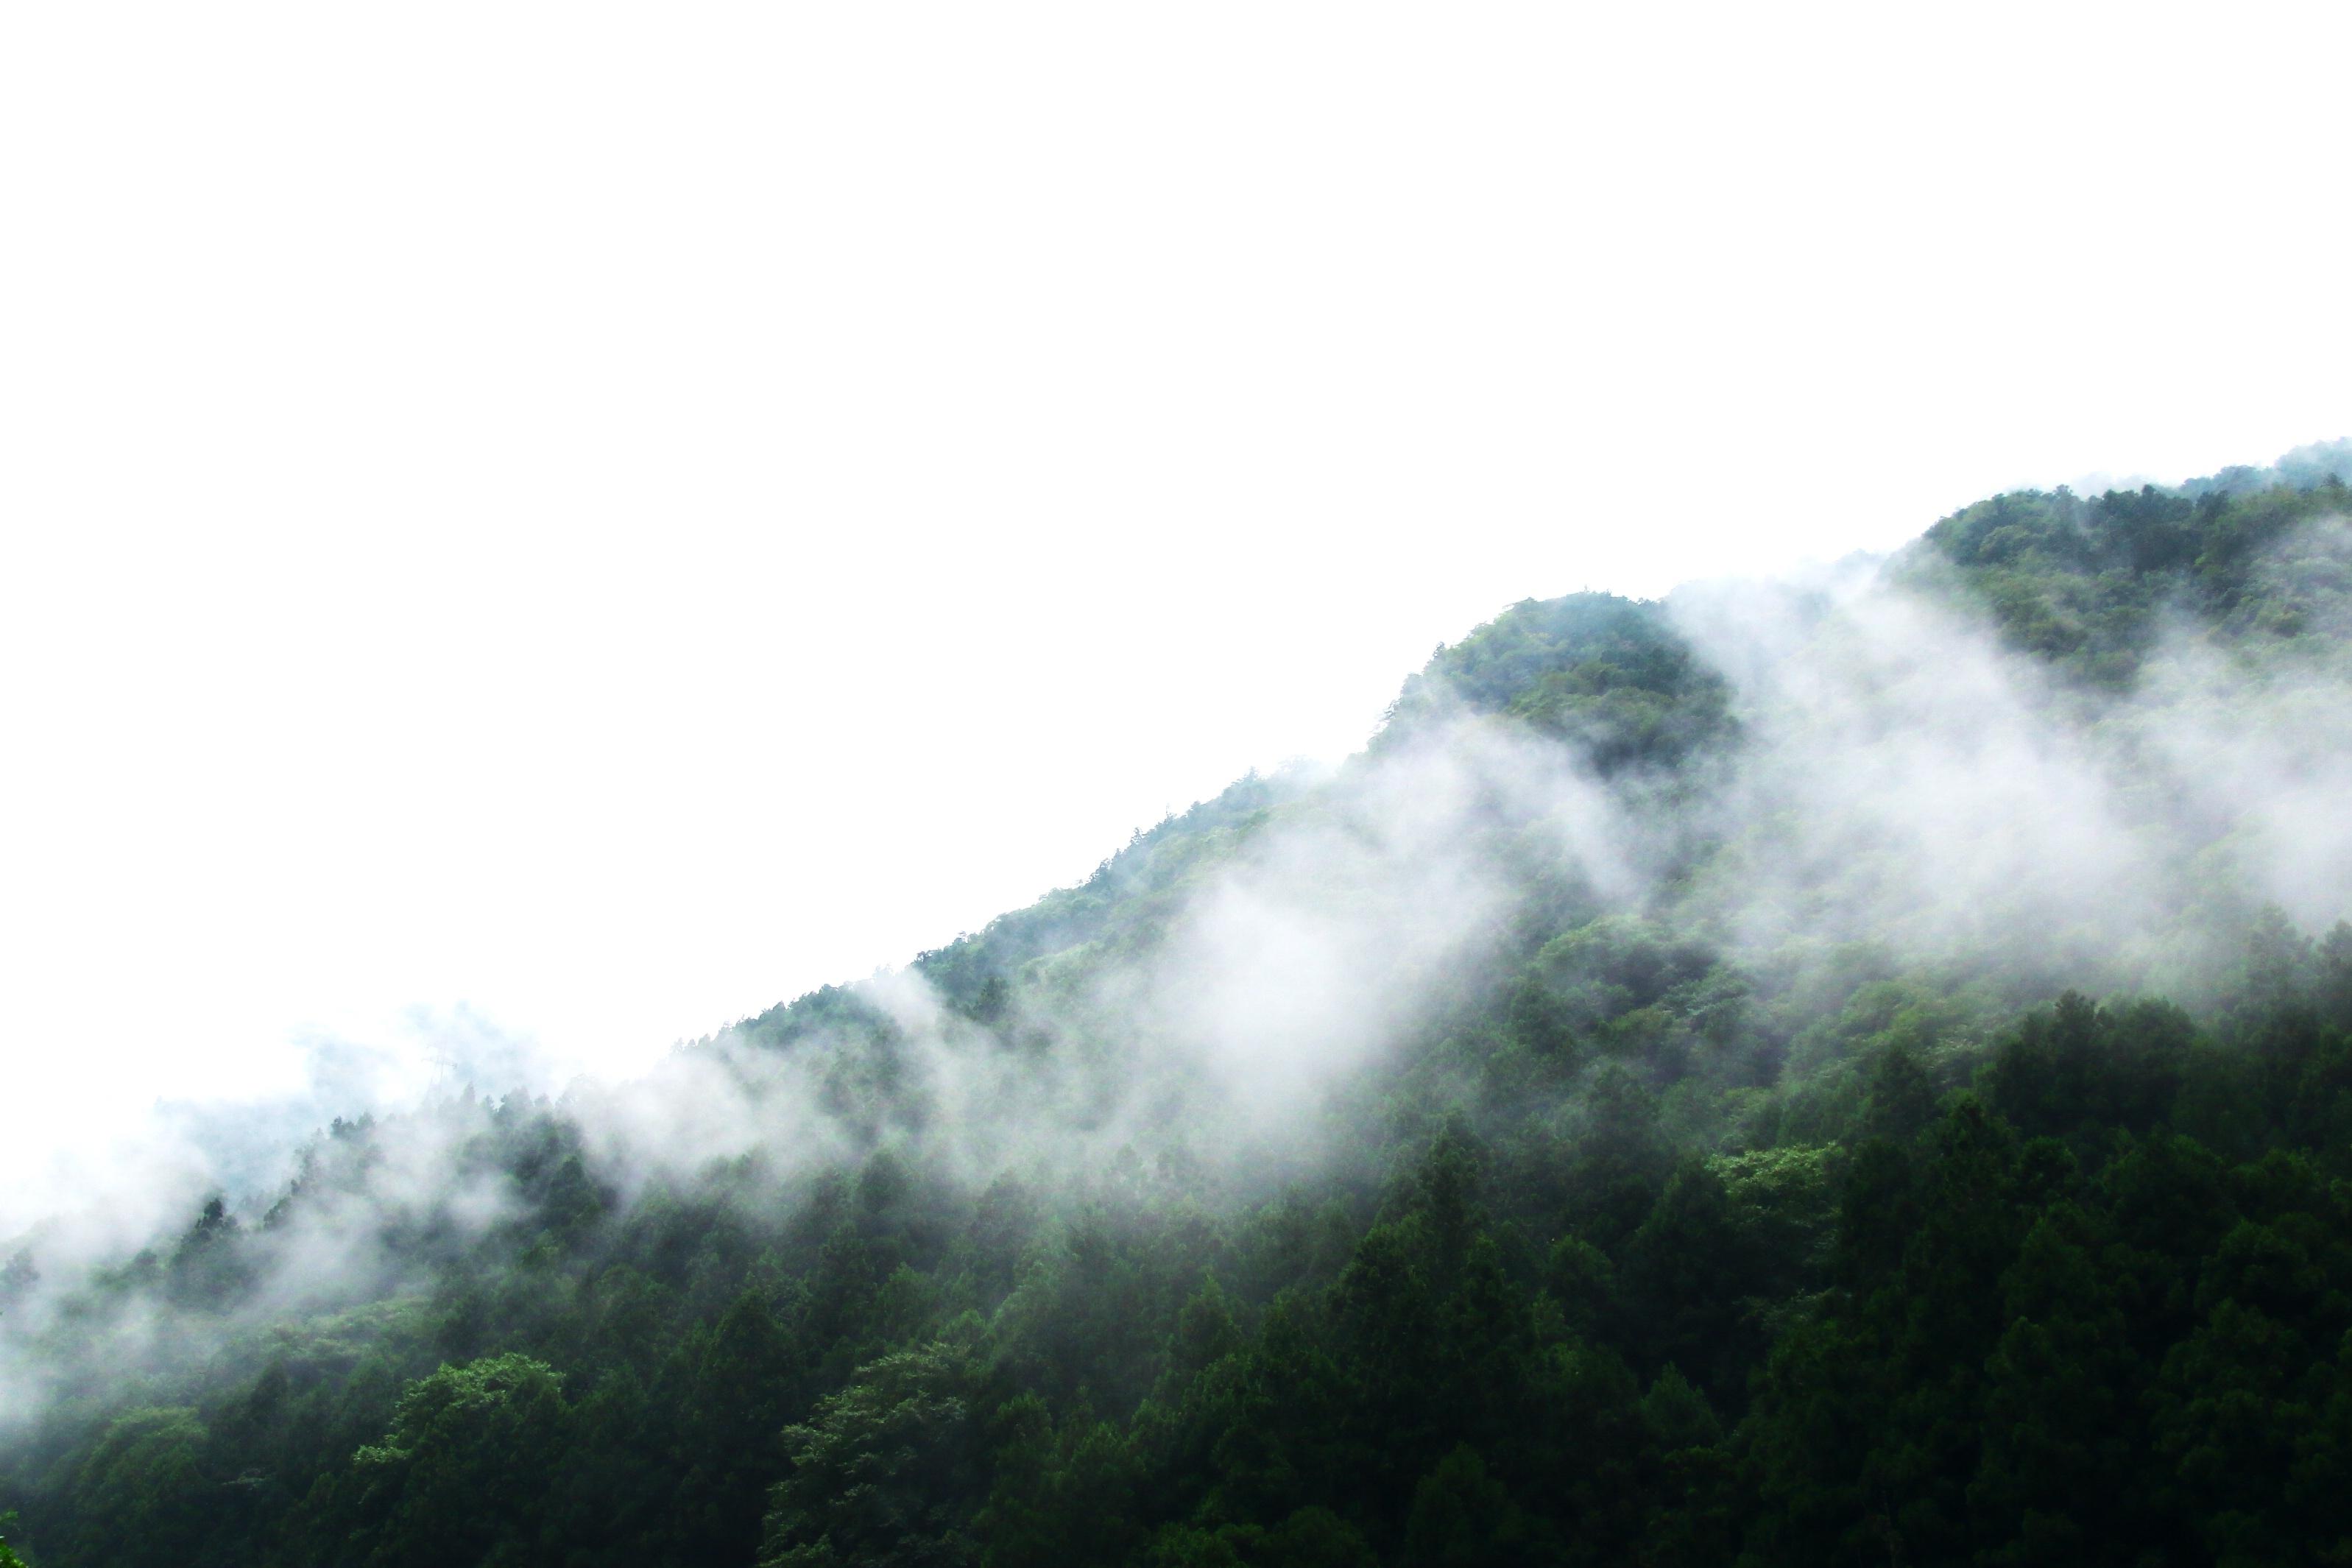 木の上に霧がある写真